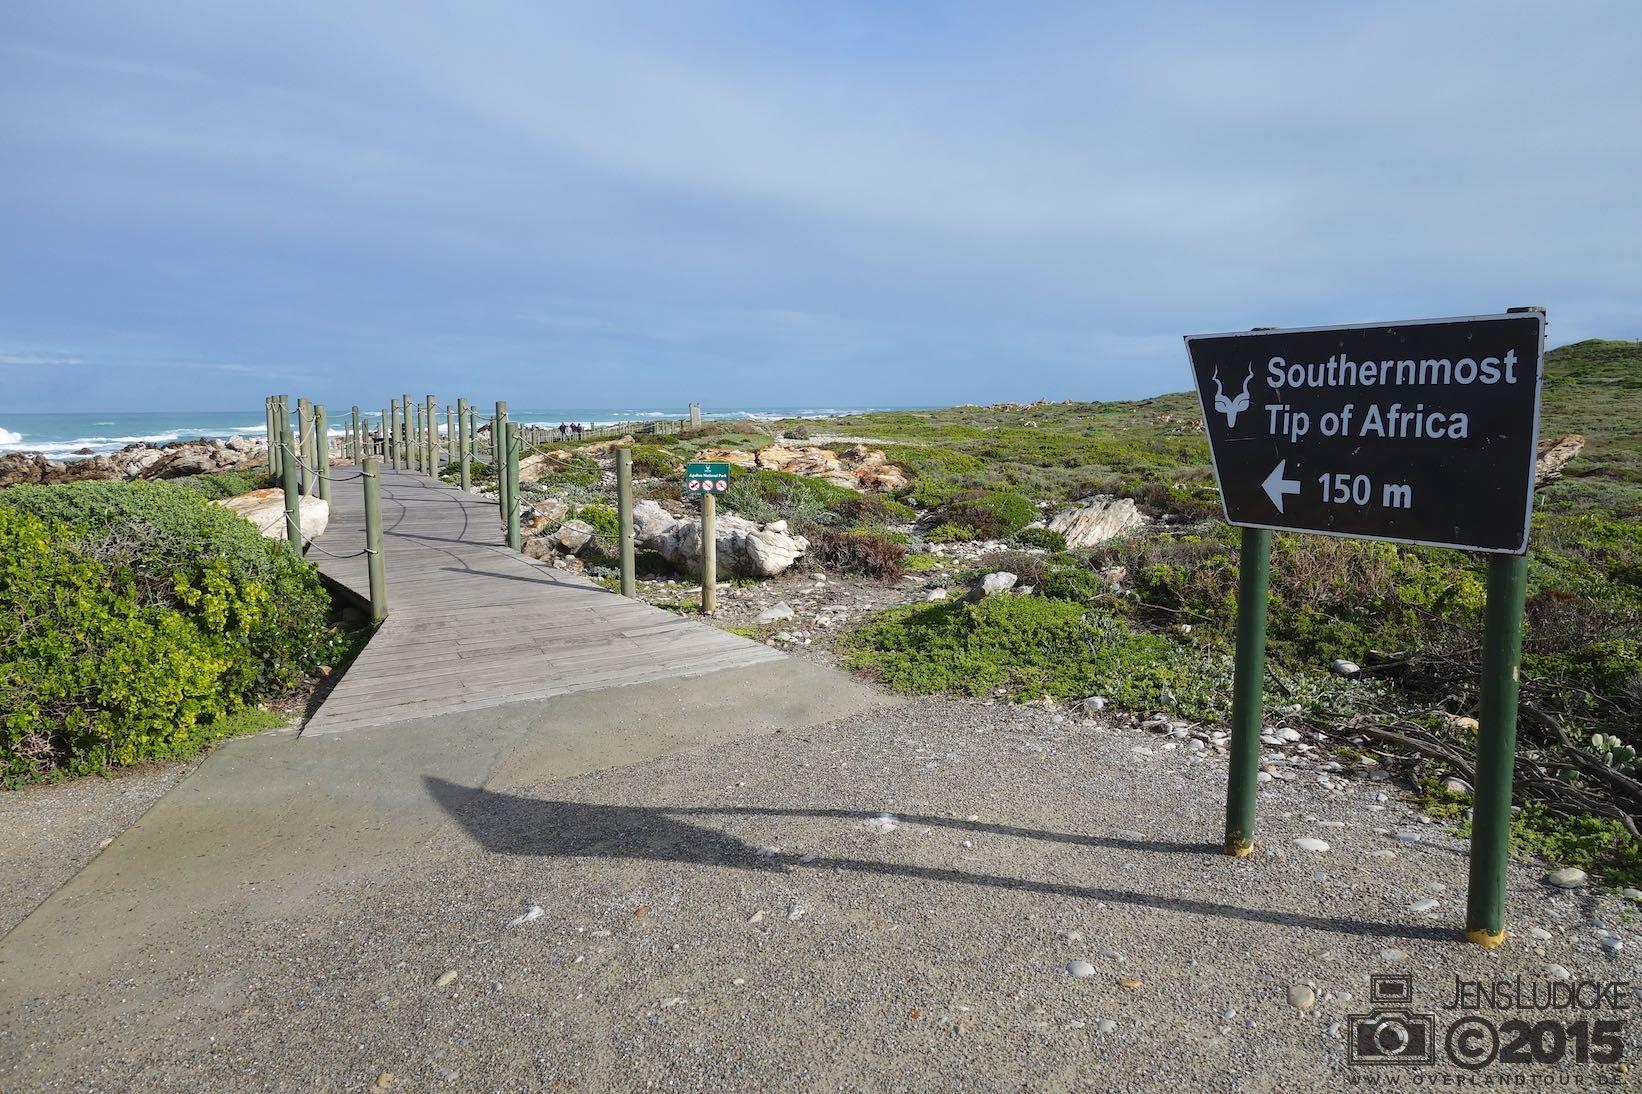 Cape Agulhas - Wo sich der Indische und Atlantischer Ozean trifft